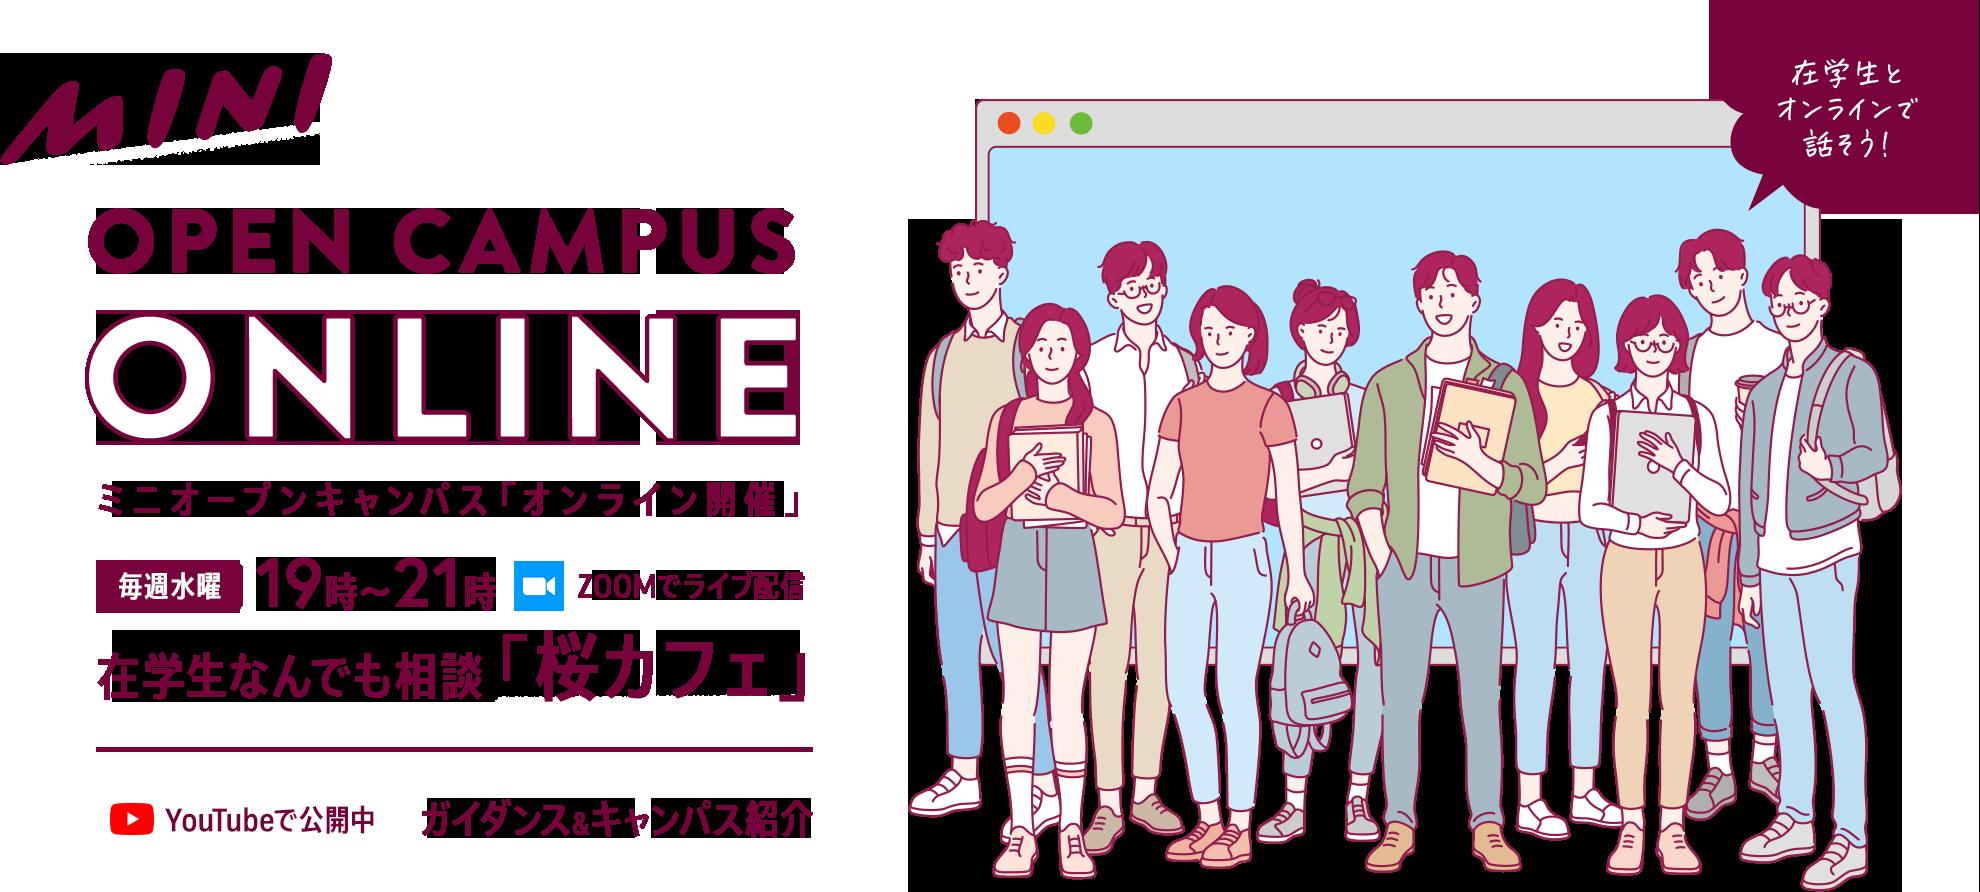 ミニオープンキャンパス「オンライン開催」